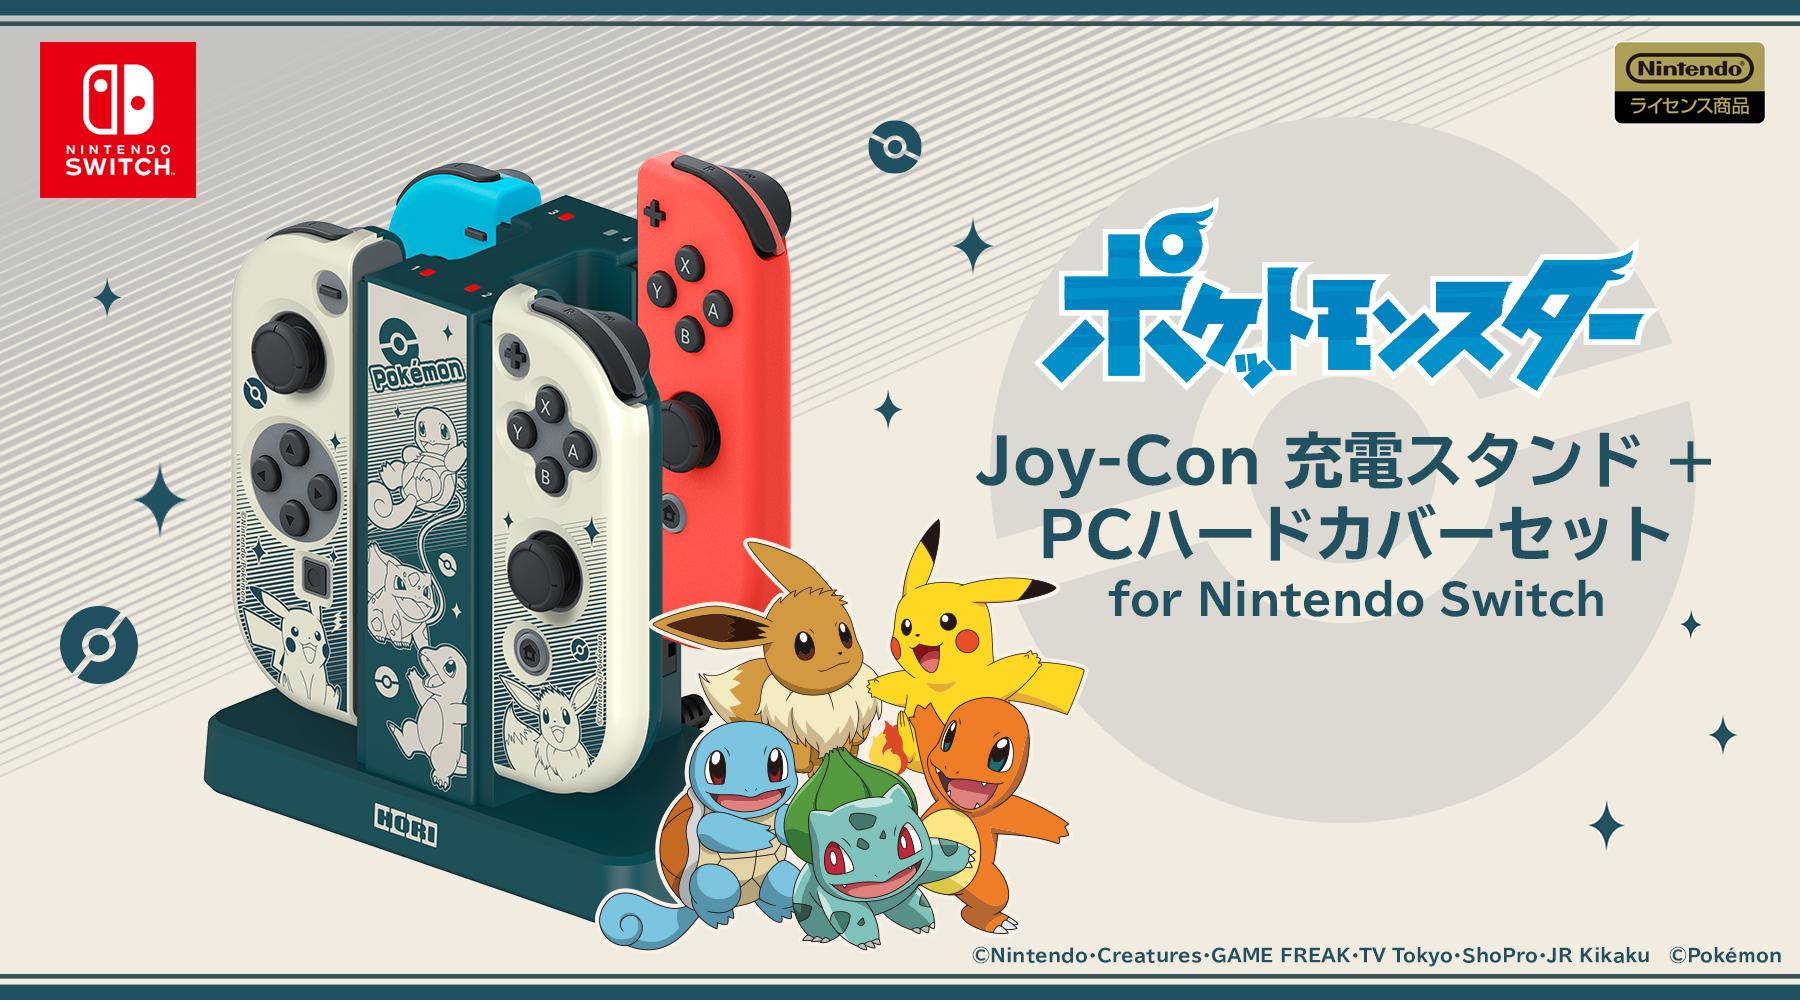 ポケットモンスター Joy-Con 充電スタンド + PCハードカバーセット for Nintendo Switch が登場!